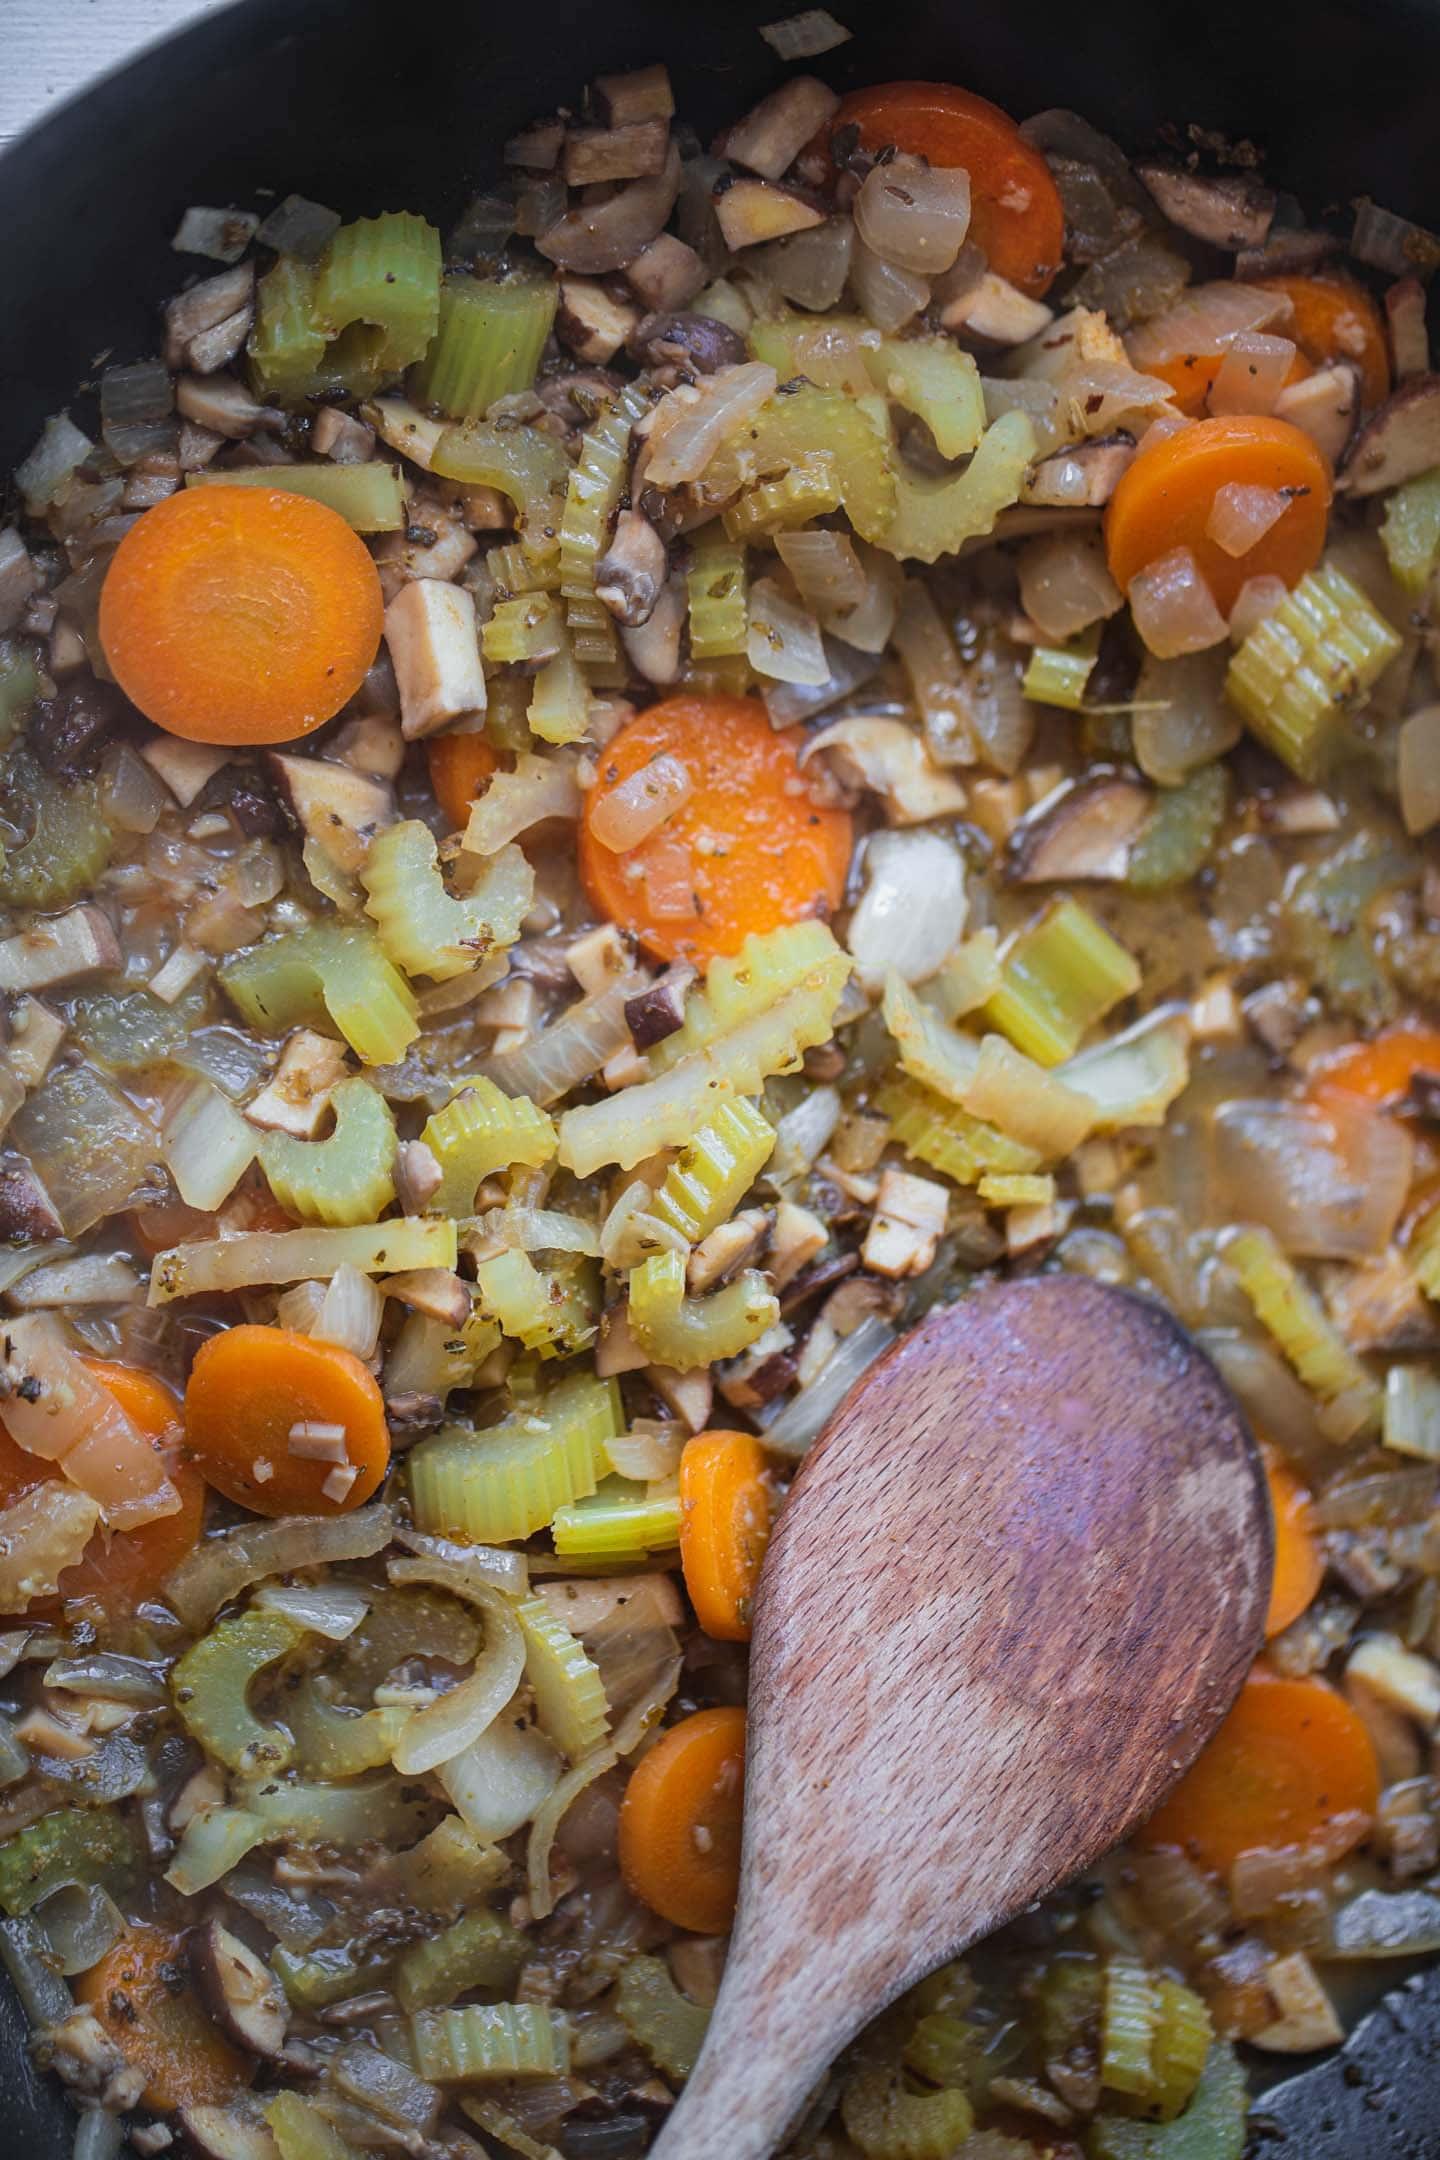 Vegetables in vegetable broth in a frying pan